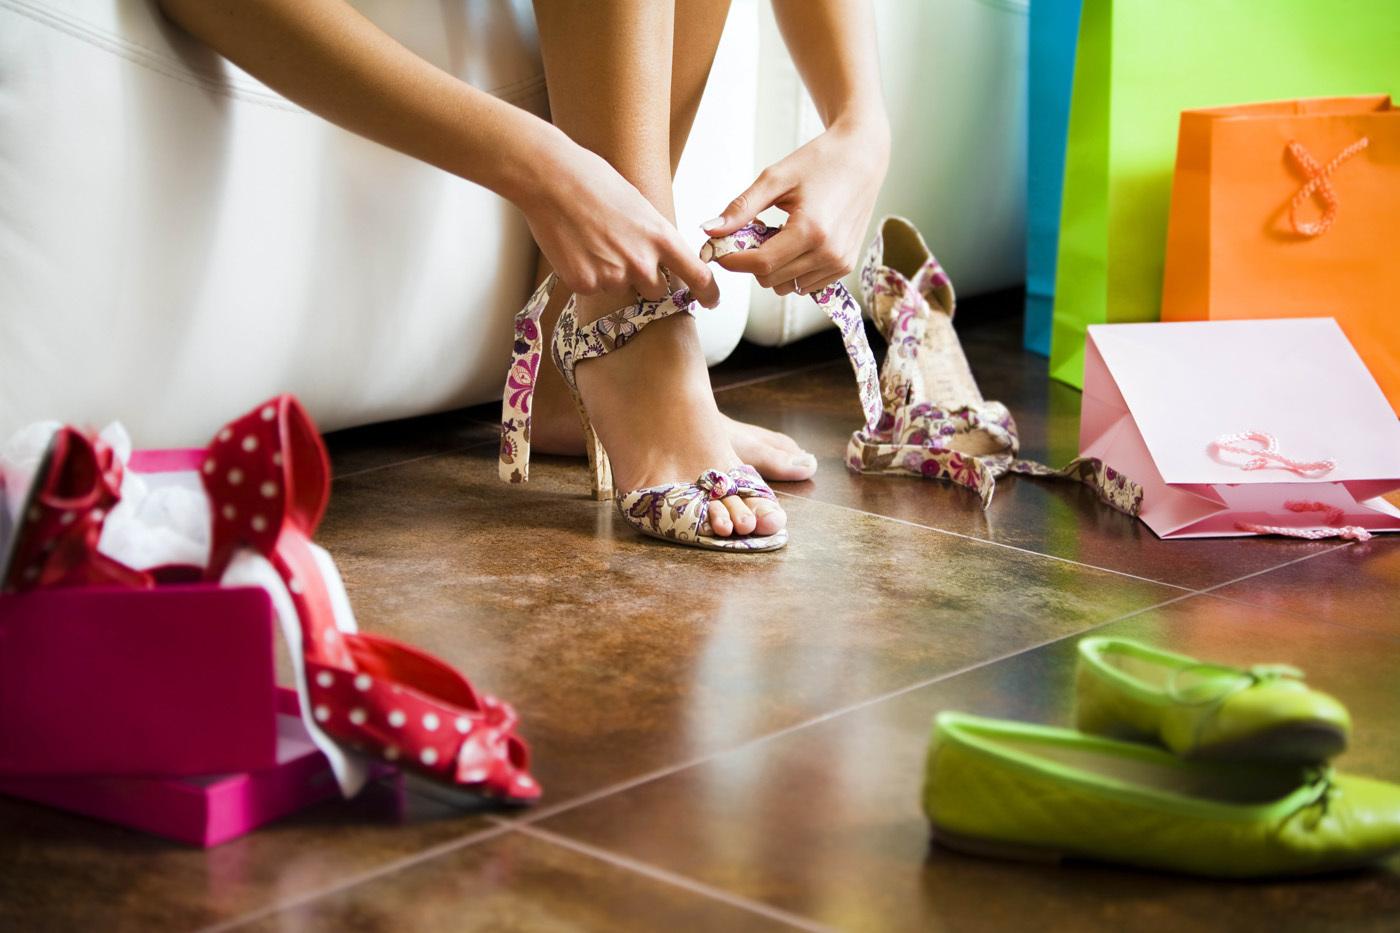 46e6c2d3e3ce Обувь в Польше - хорошее качество по привлекательной цене - Покупки ...